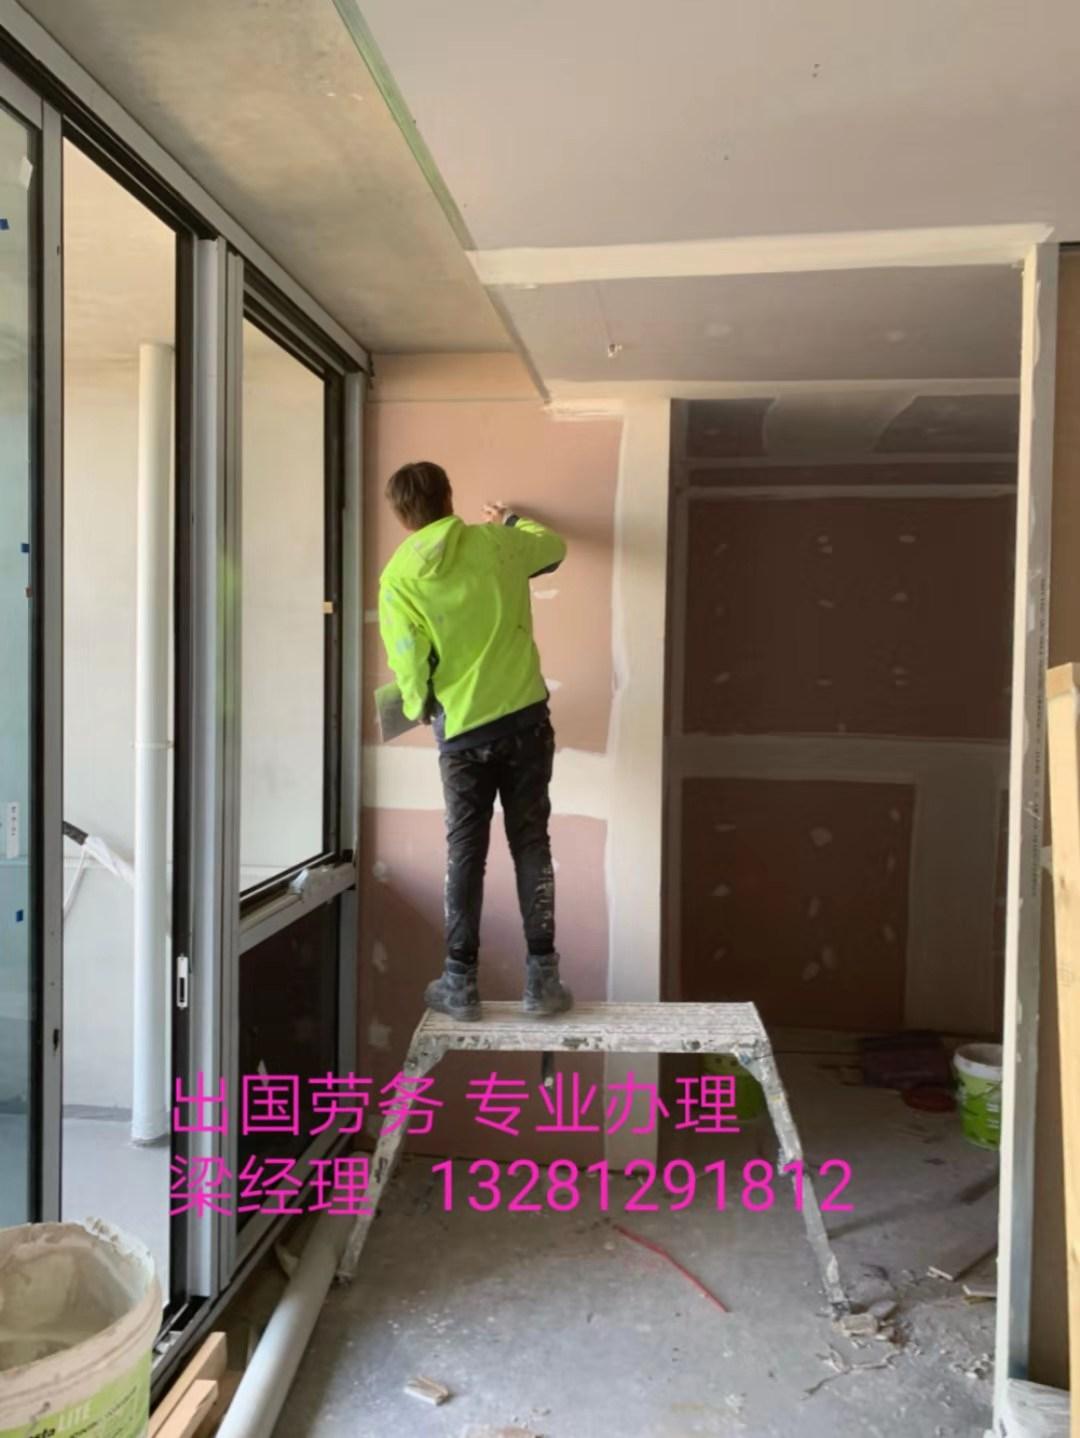 澳大利亚出国打工华人雇主办理周期短效率快